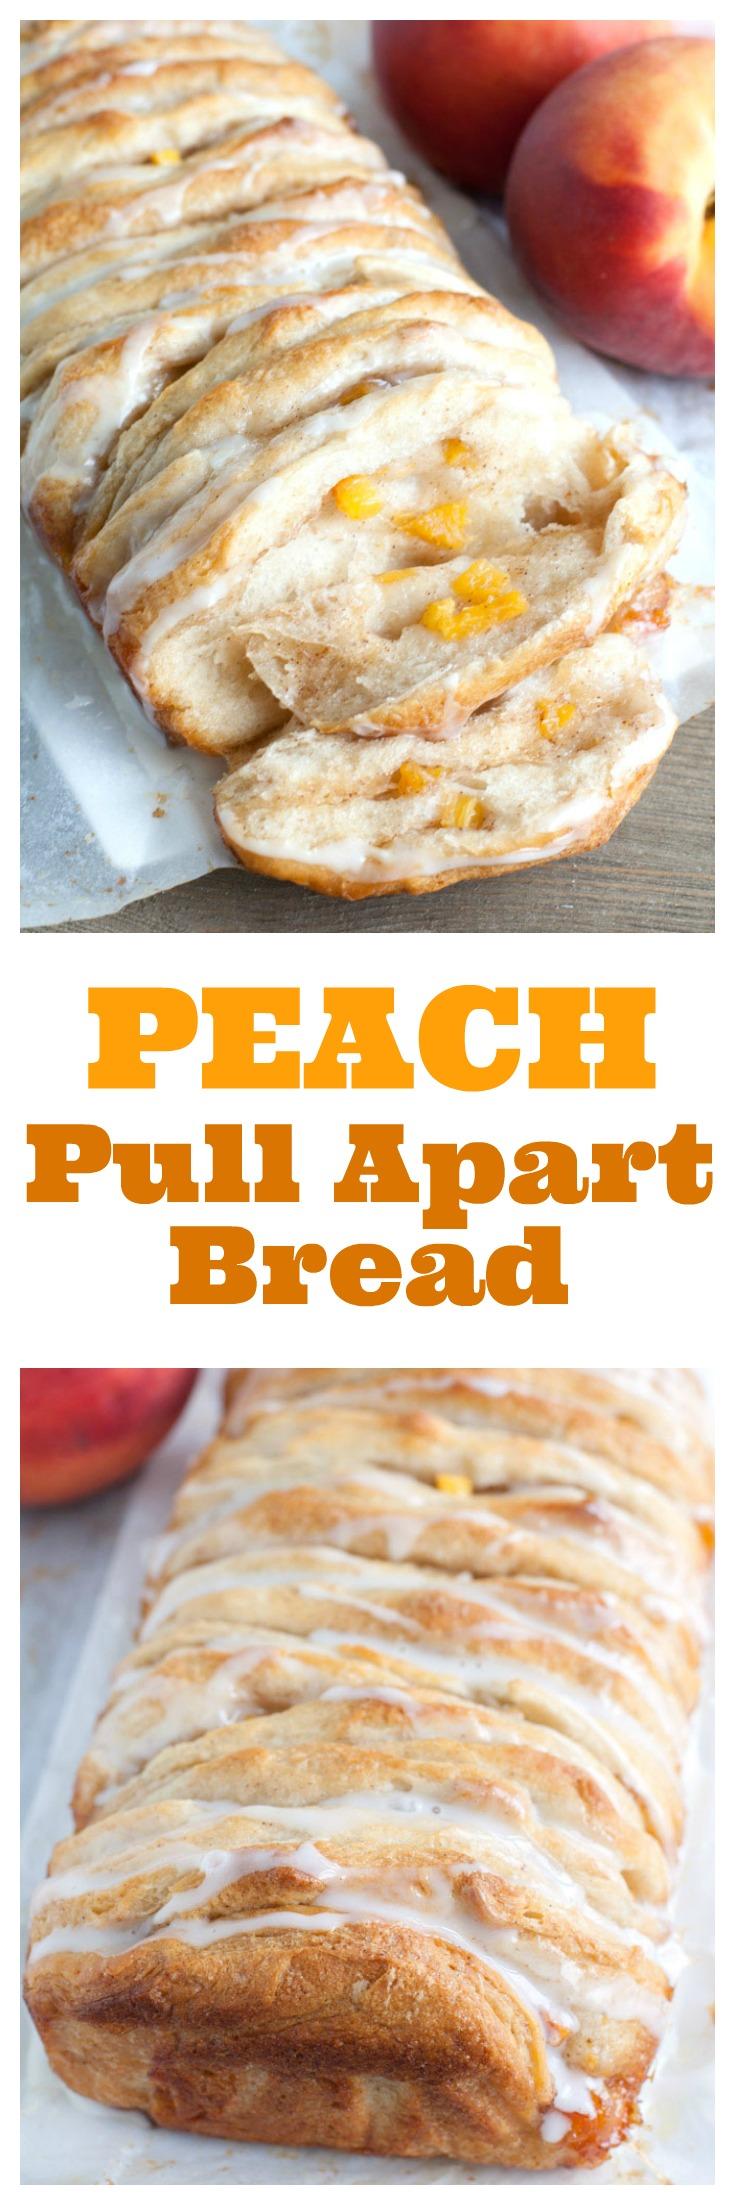 peach pull apart bread PIN